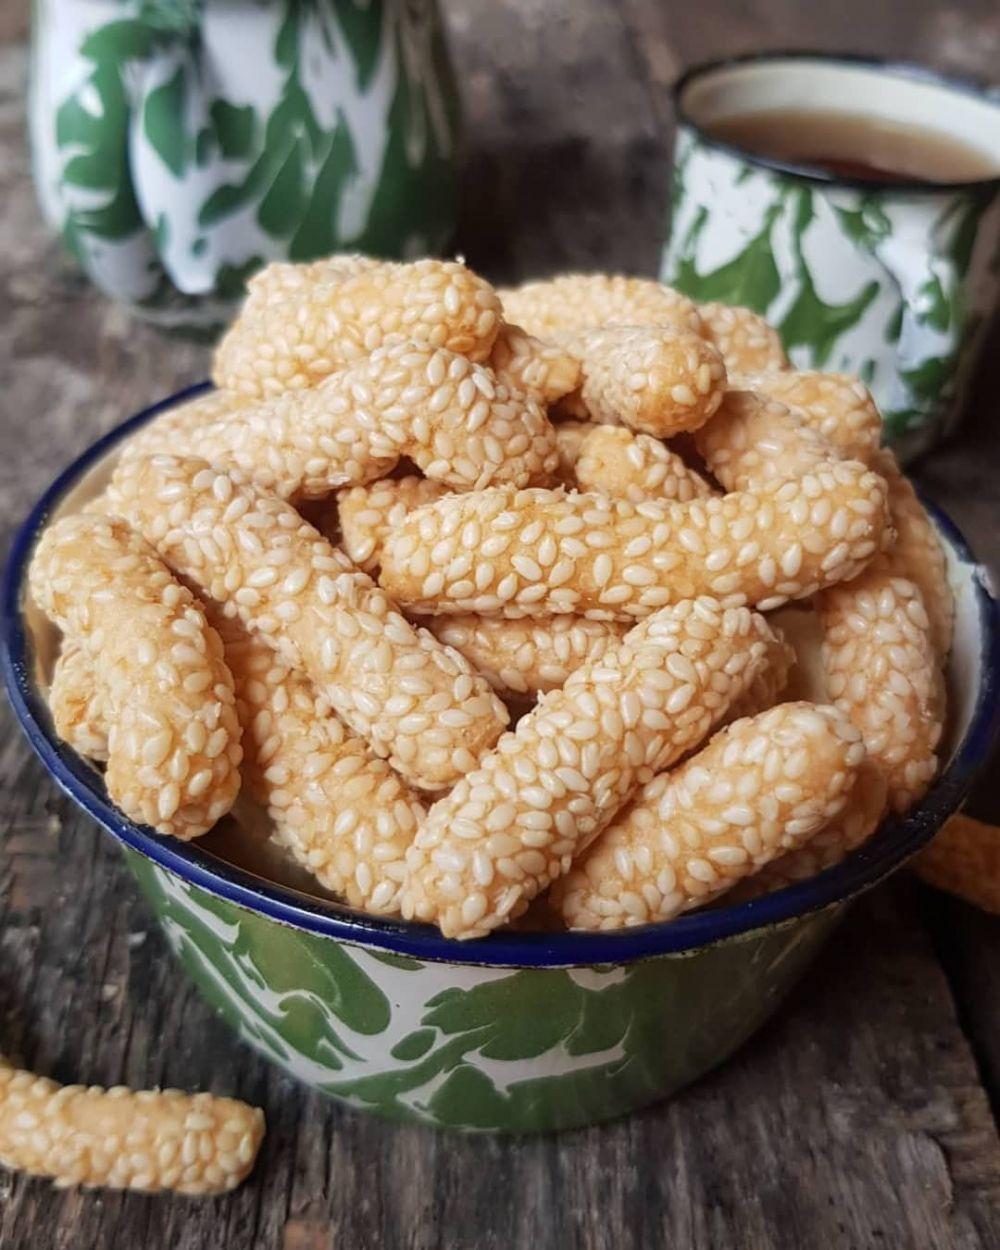 Resep Camilan Lebaran Berbagai Sumber Resep Makanan Ringan Sehat Camilan